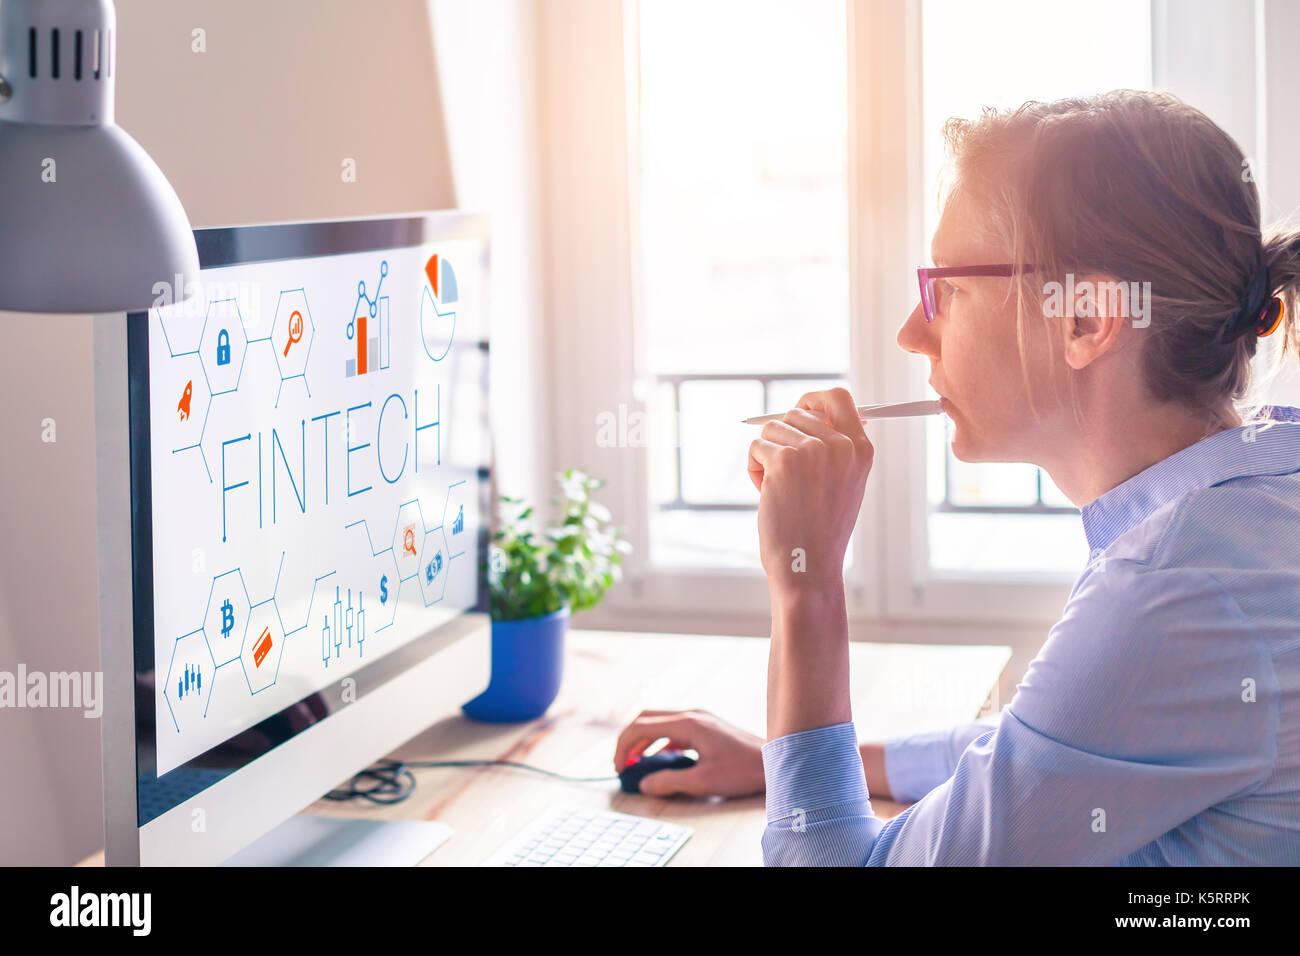 Fintech concept sur l'écran de l'ordinateur avec une interface moderne et novatrice de graphiques, femme d'affaires au bureau Photo Stock